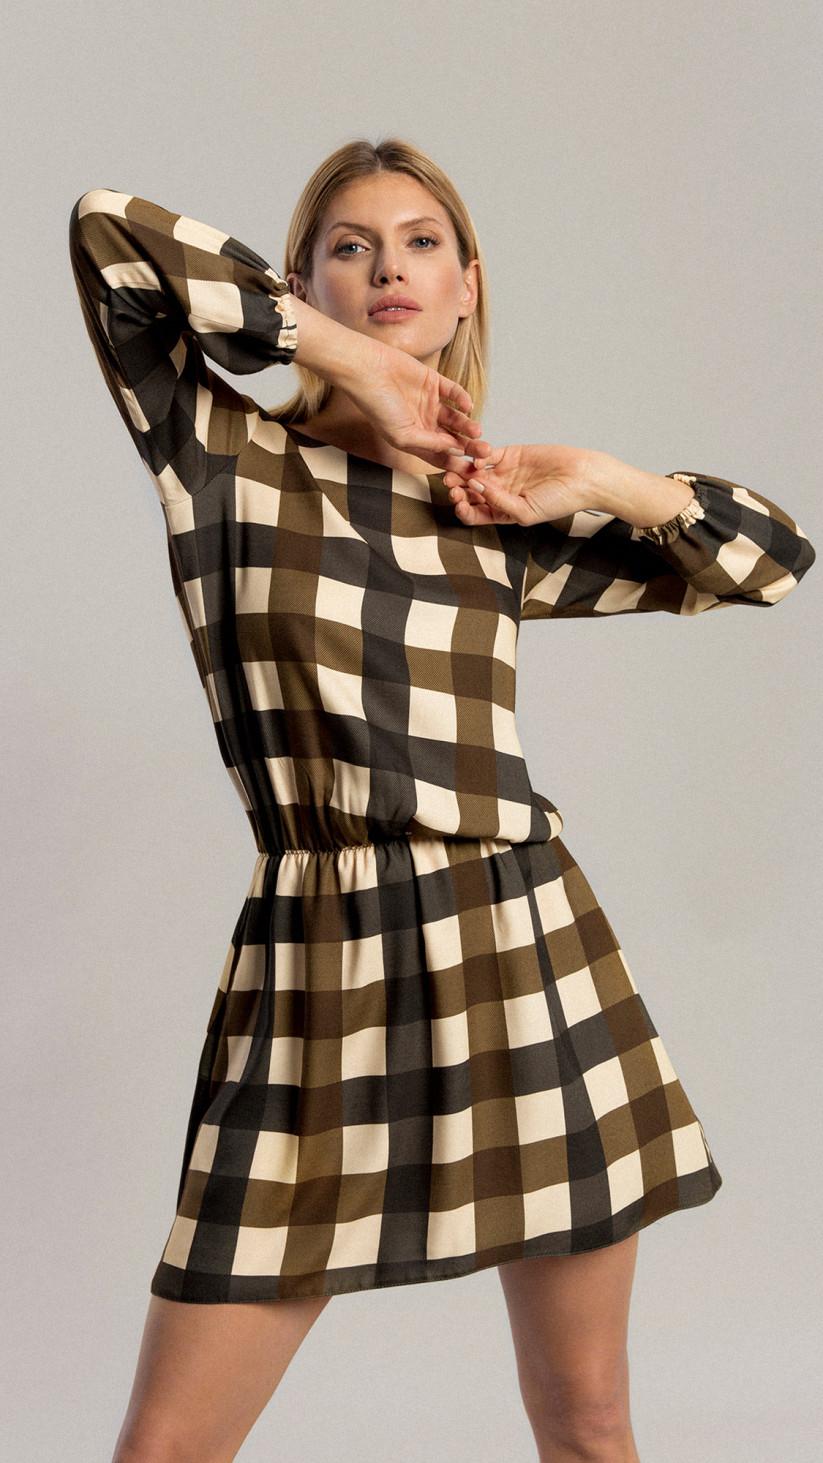 Sukienka Aster   Krata Khaki   Sukienka mini z gumką w pasie